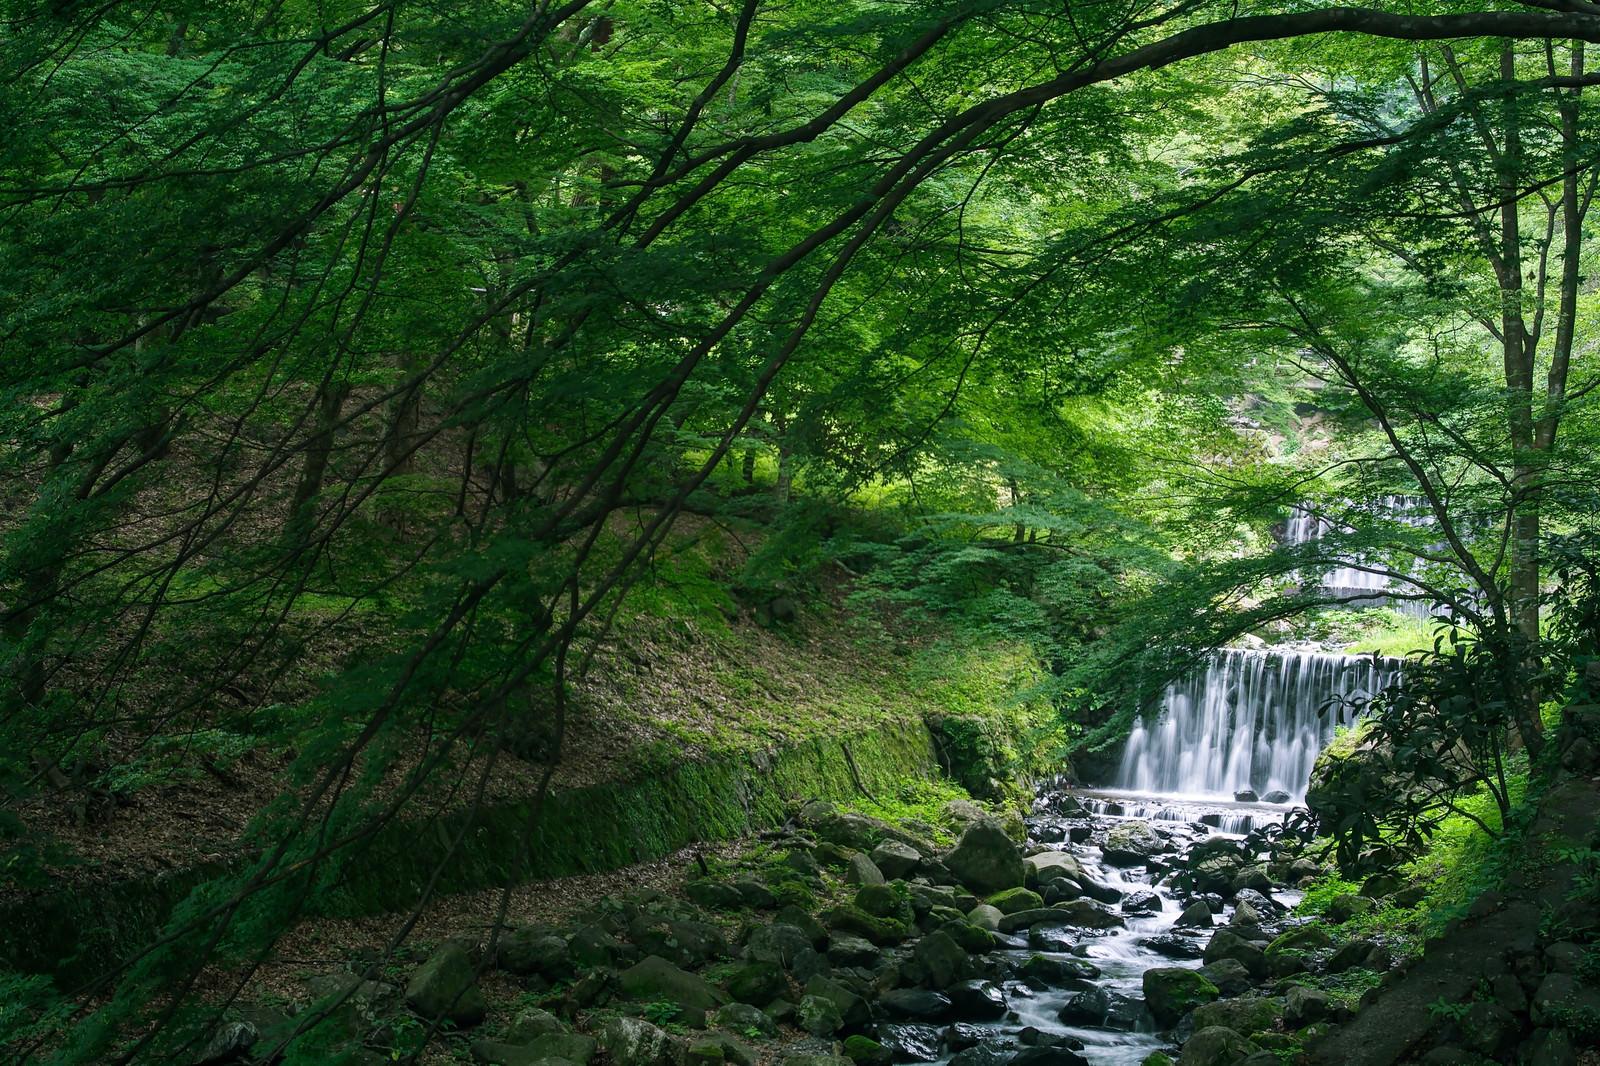 「新緑の木々の下を流れる渓流」の写真